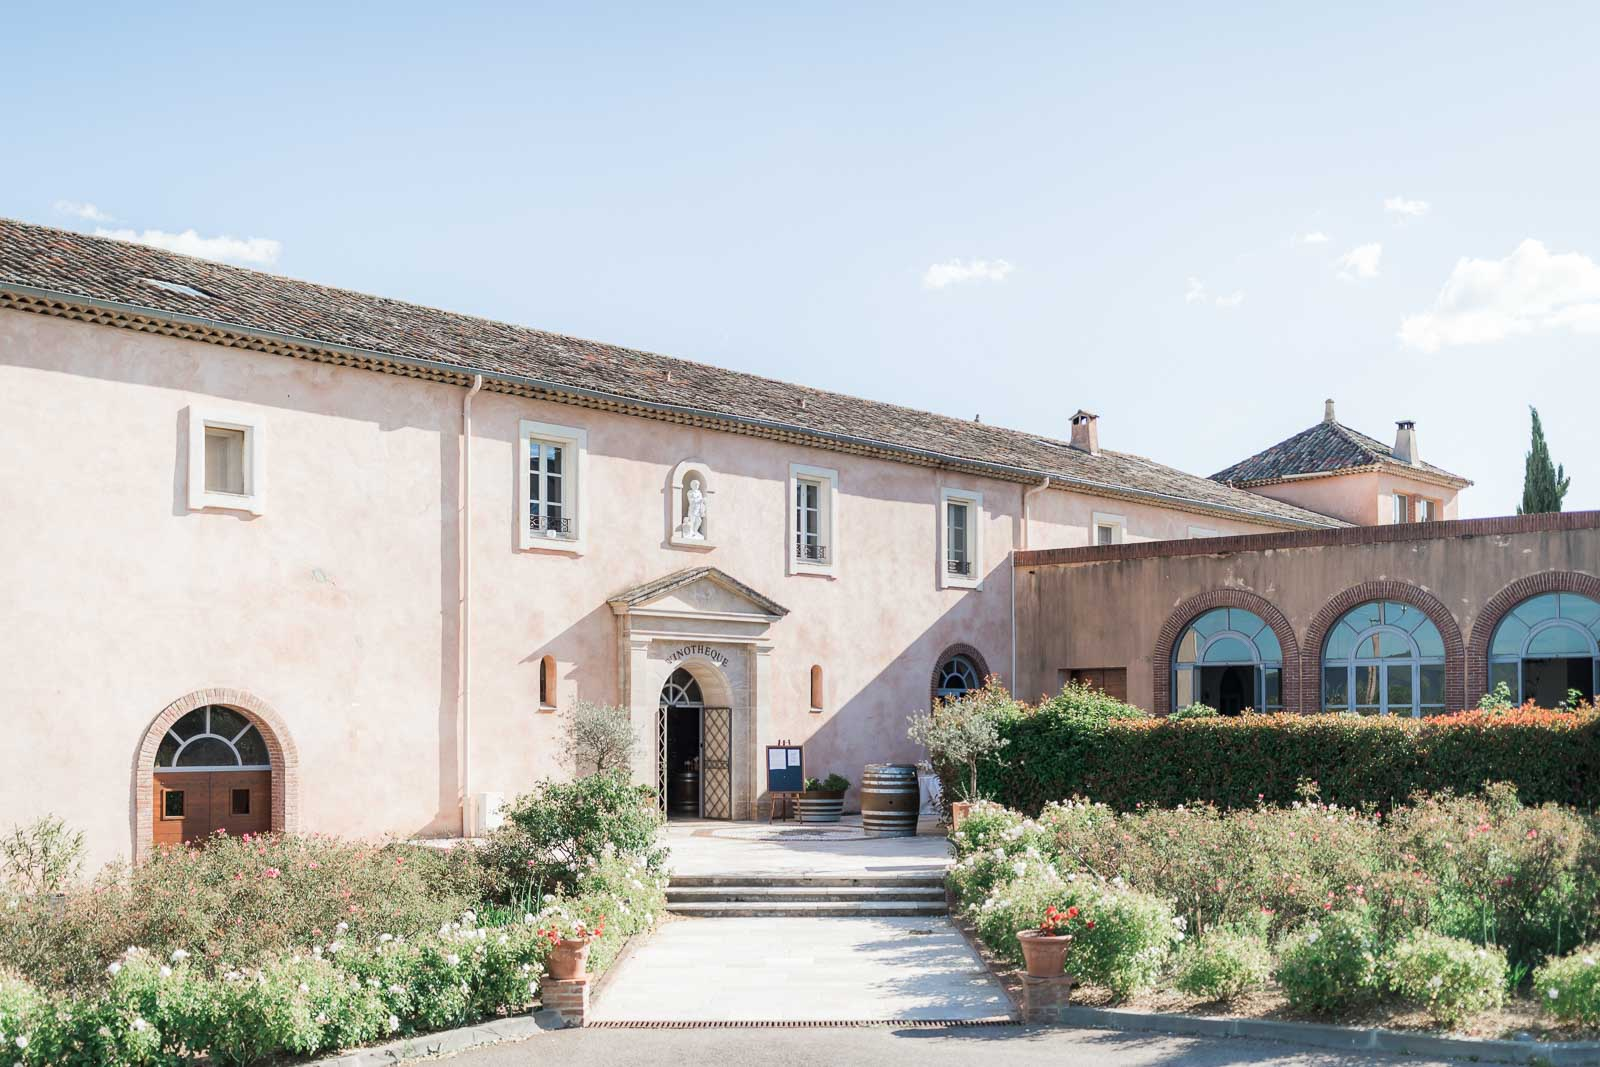 Photographie de Mathieu Dété présentant l'extérieur du Château Saint Julien d'Aille